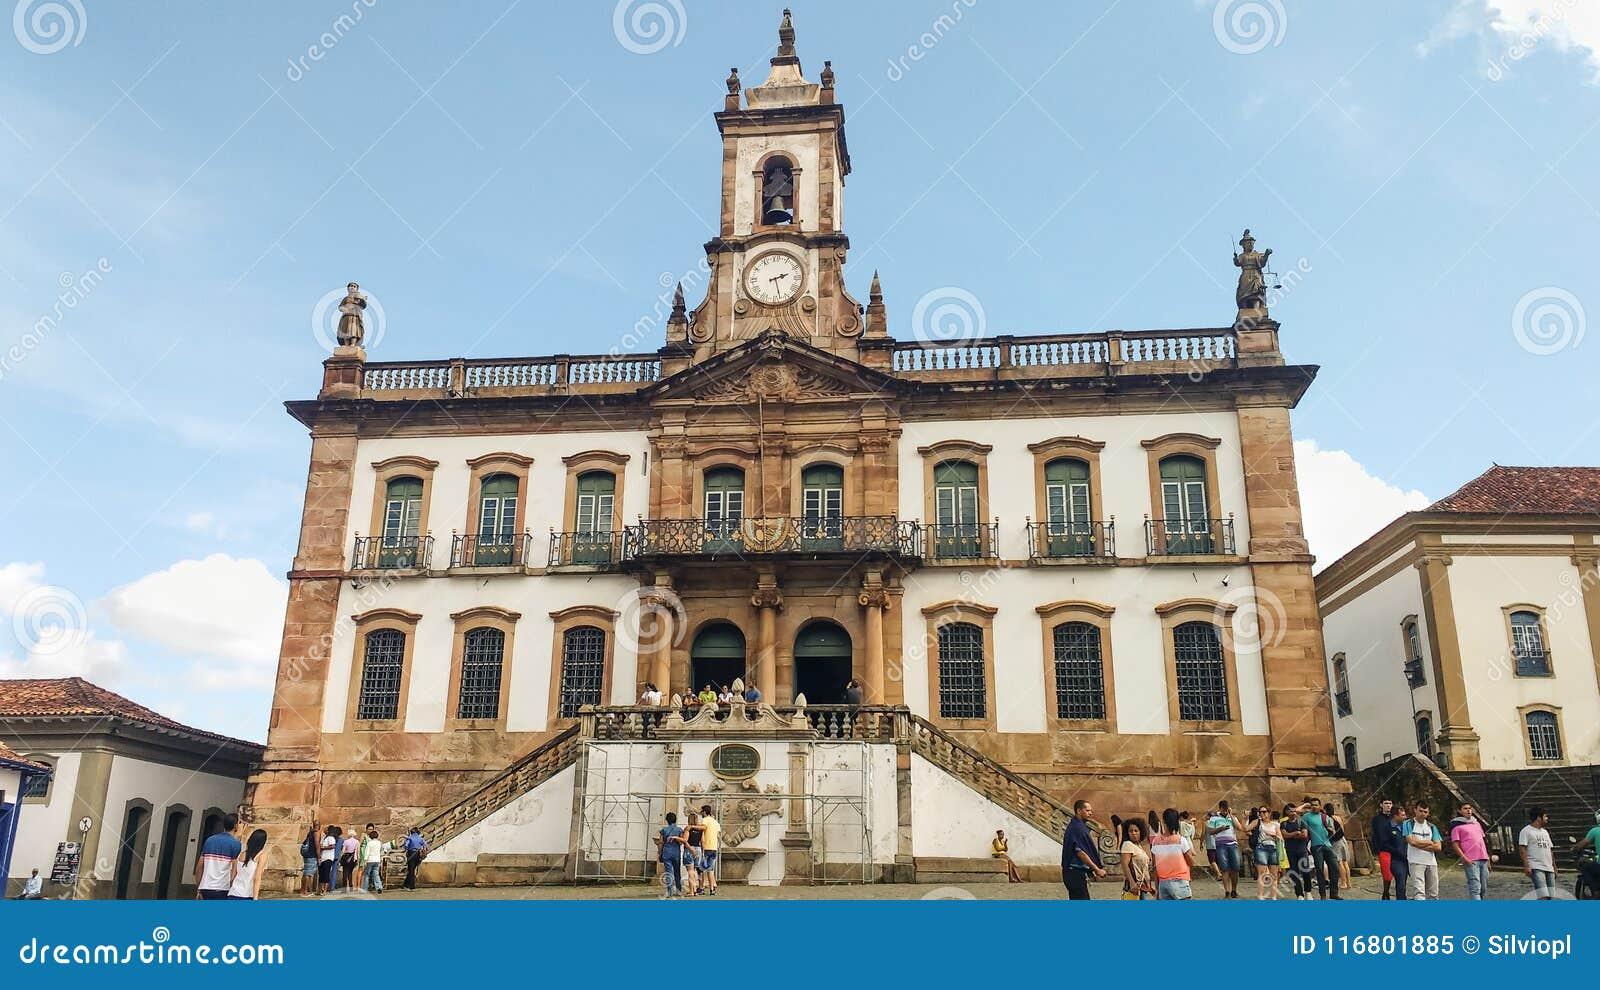 25 marzo 2016, città storica di Ouro Preto, Minas Gerais, Brasile Vecchia casa legislativa coloniale